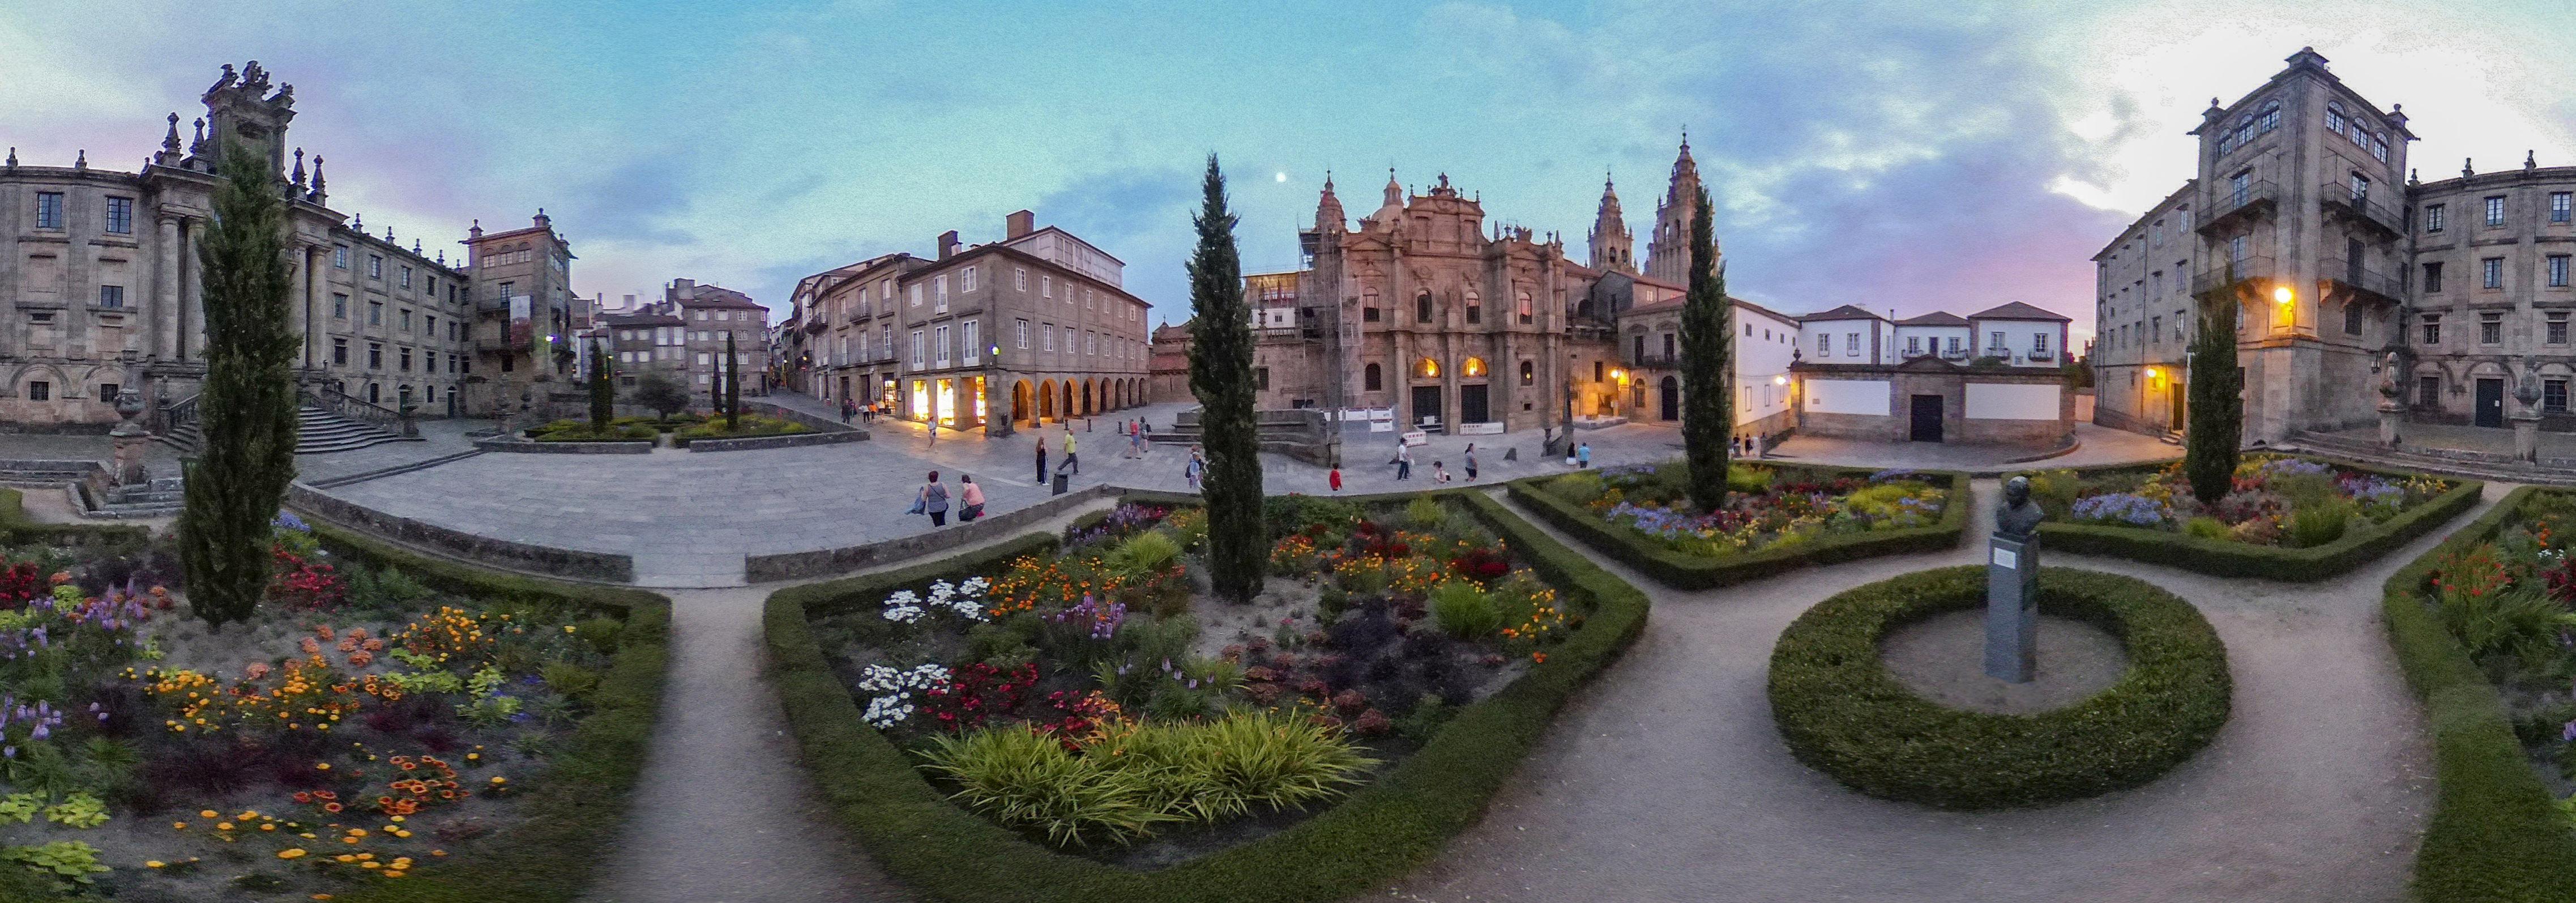 The Plaza de la Inmaculada in Santiago de Compostela